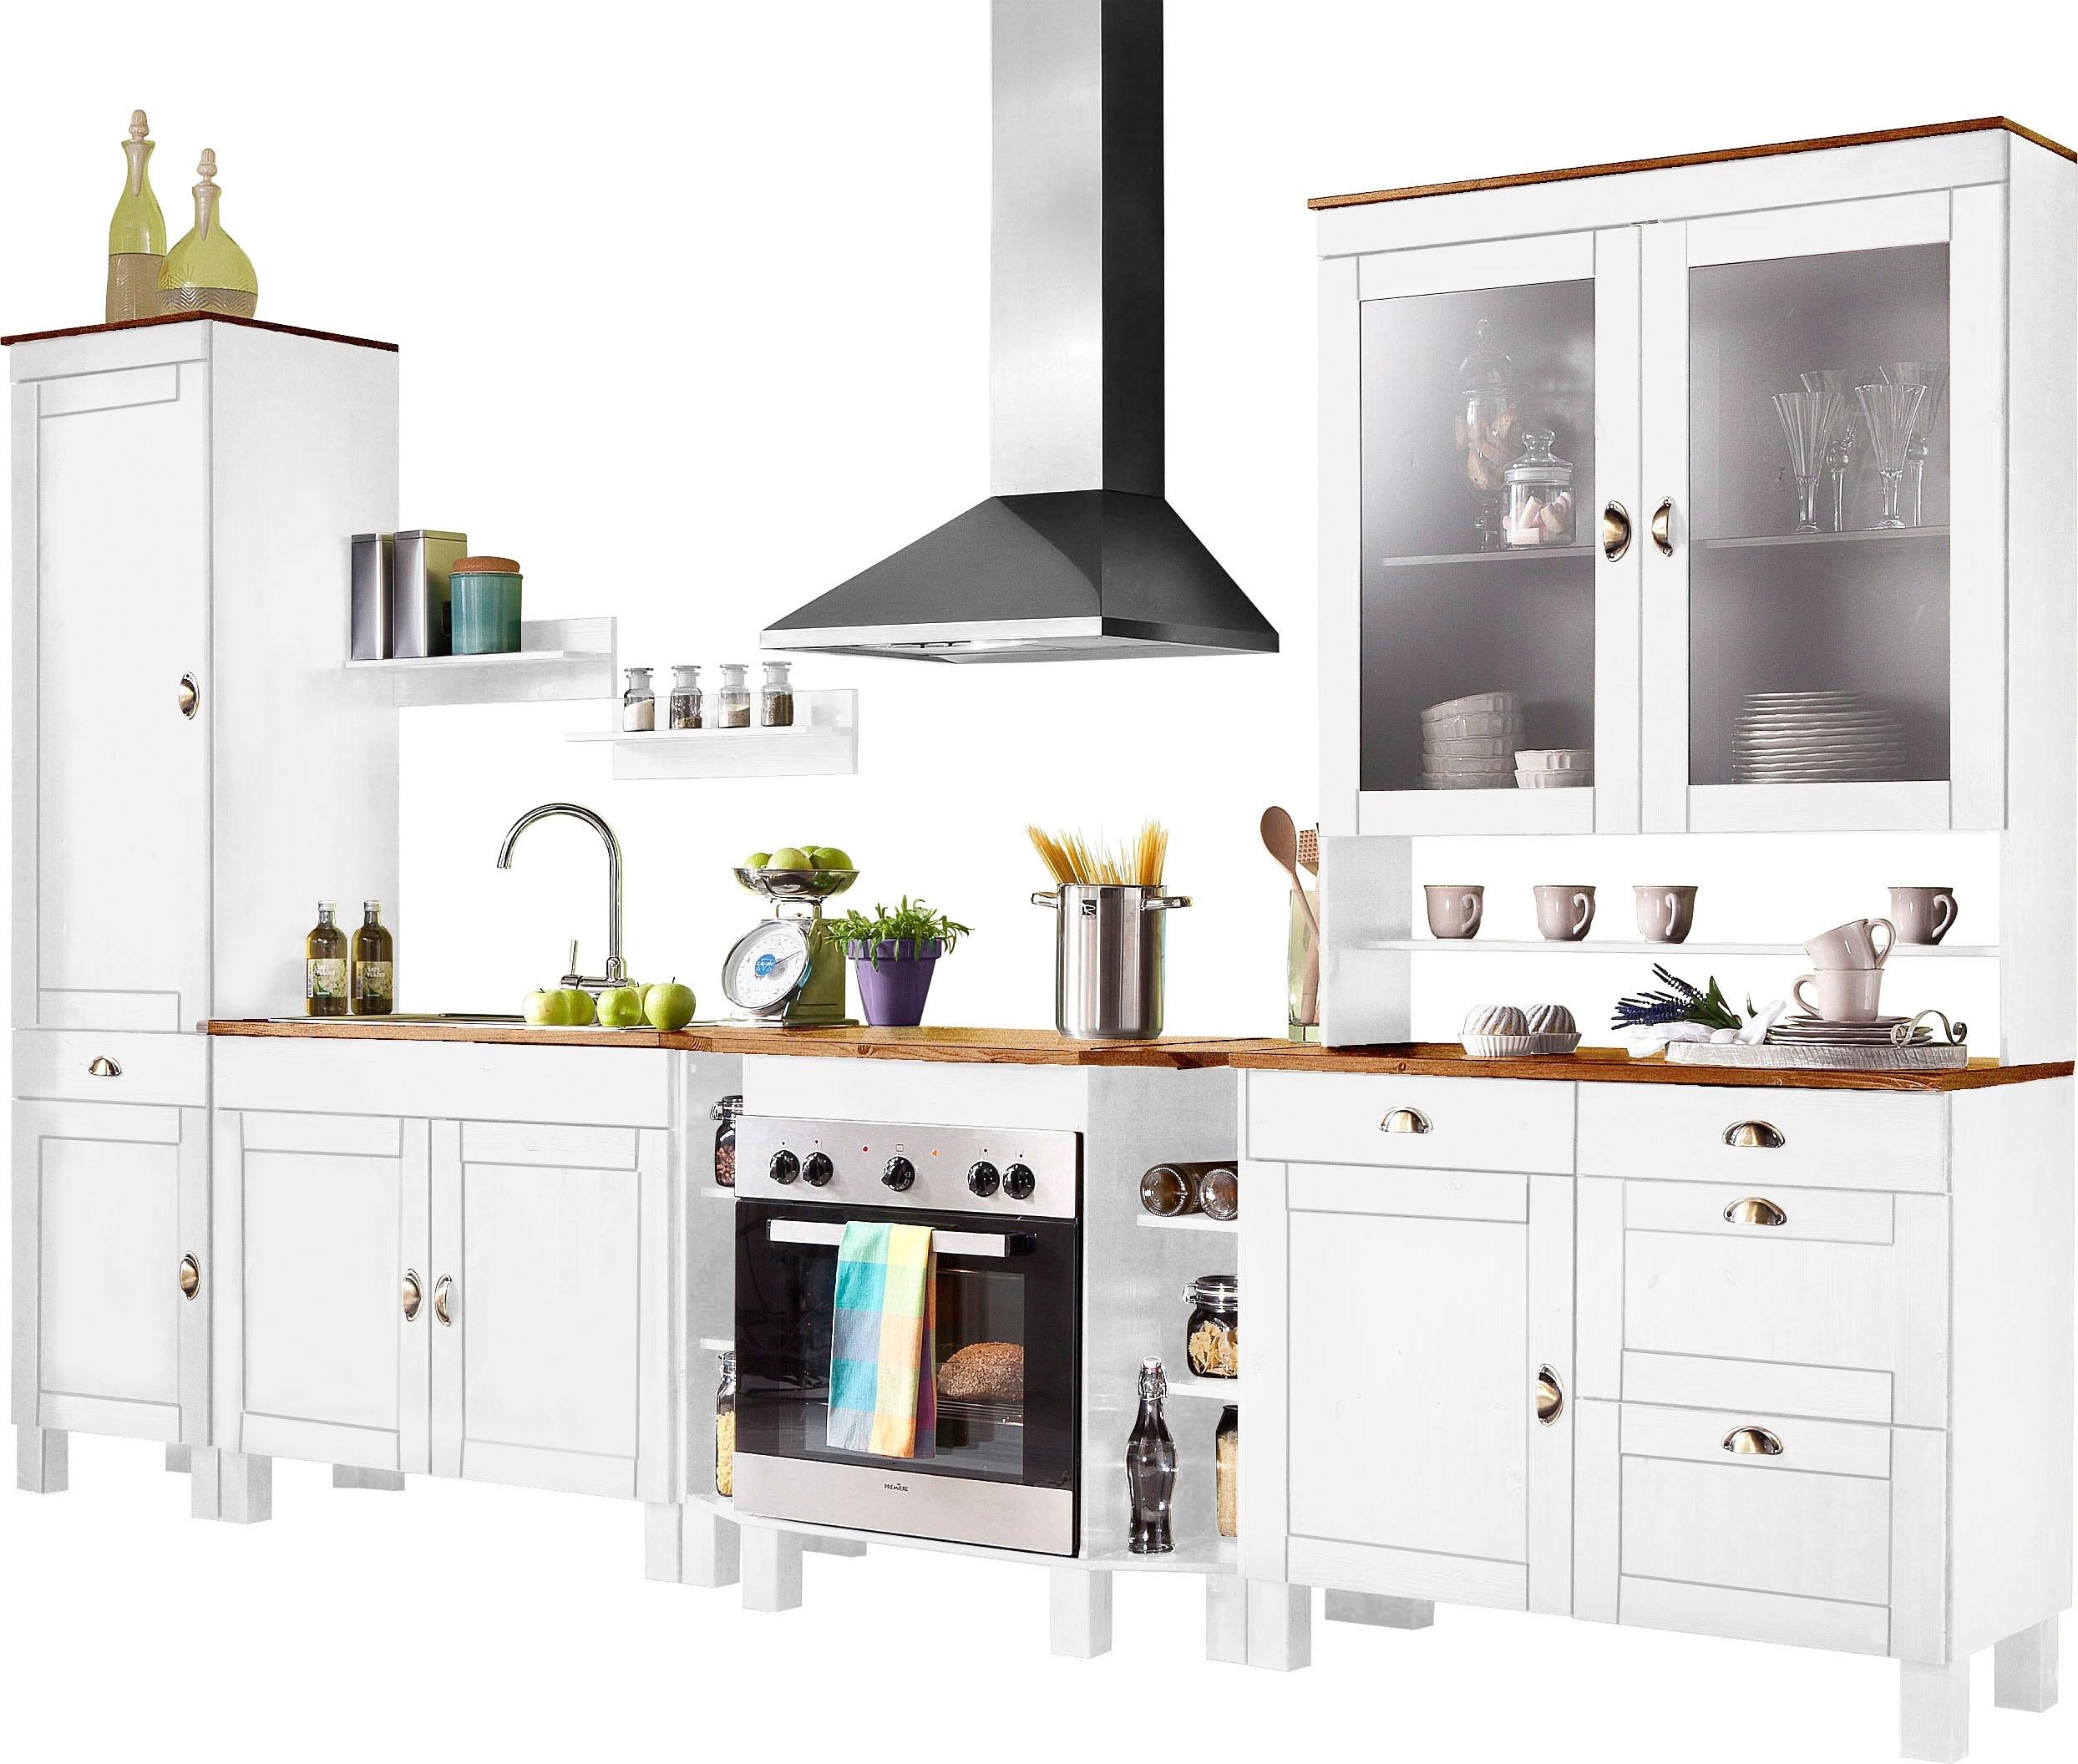 keukenblokken kopen bekijk de collectie otto. Black Bedroom Furniture Sets. Home Design Ideas